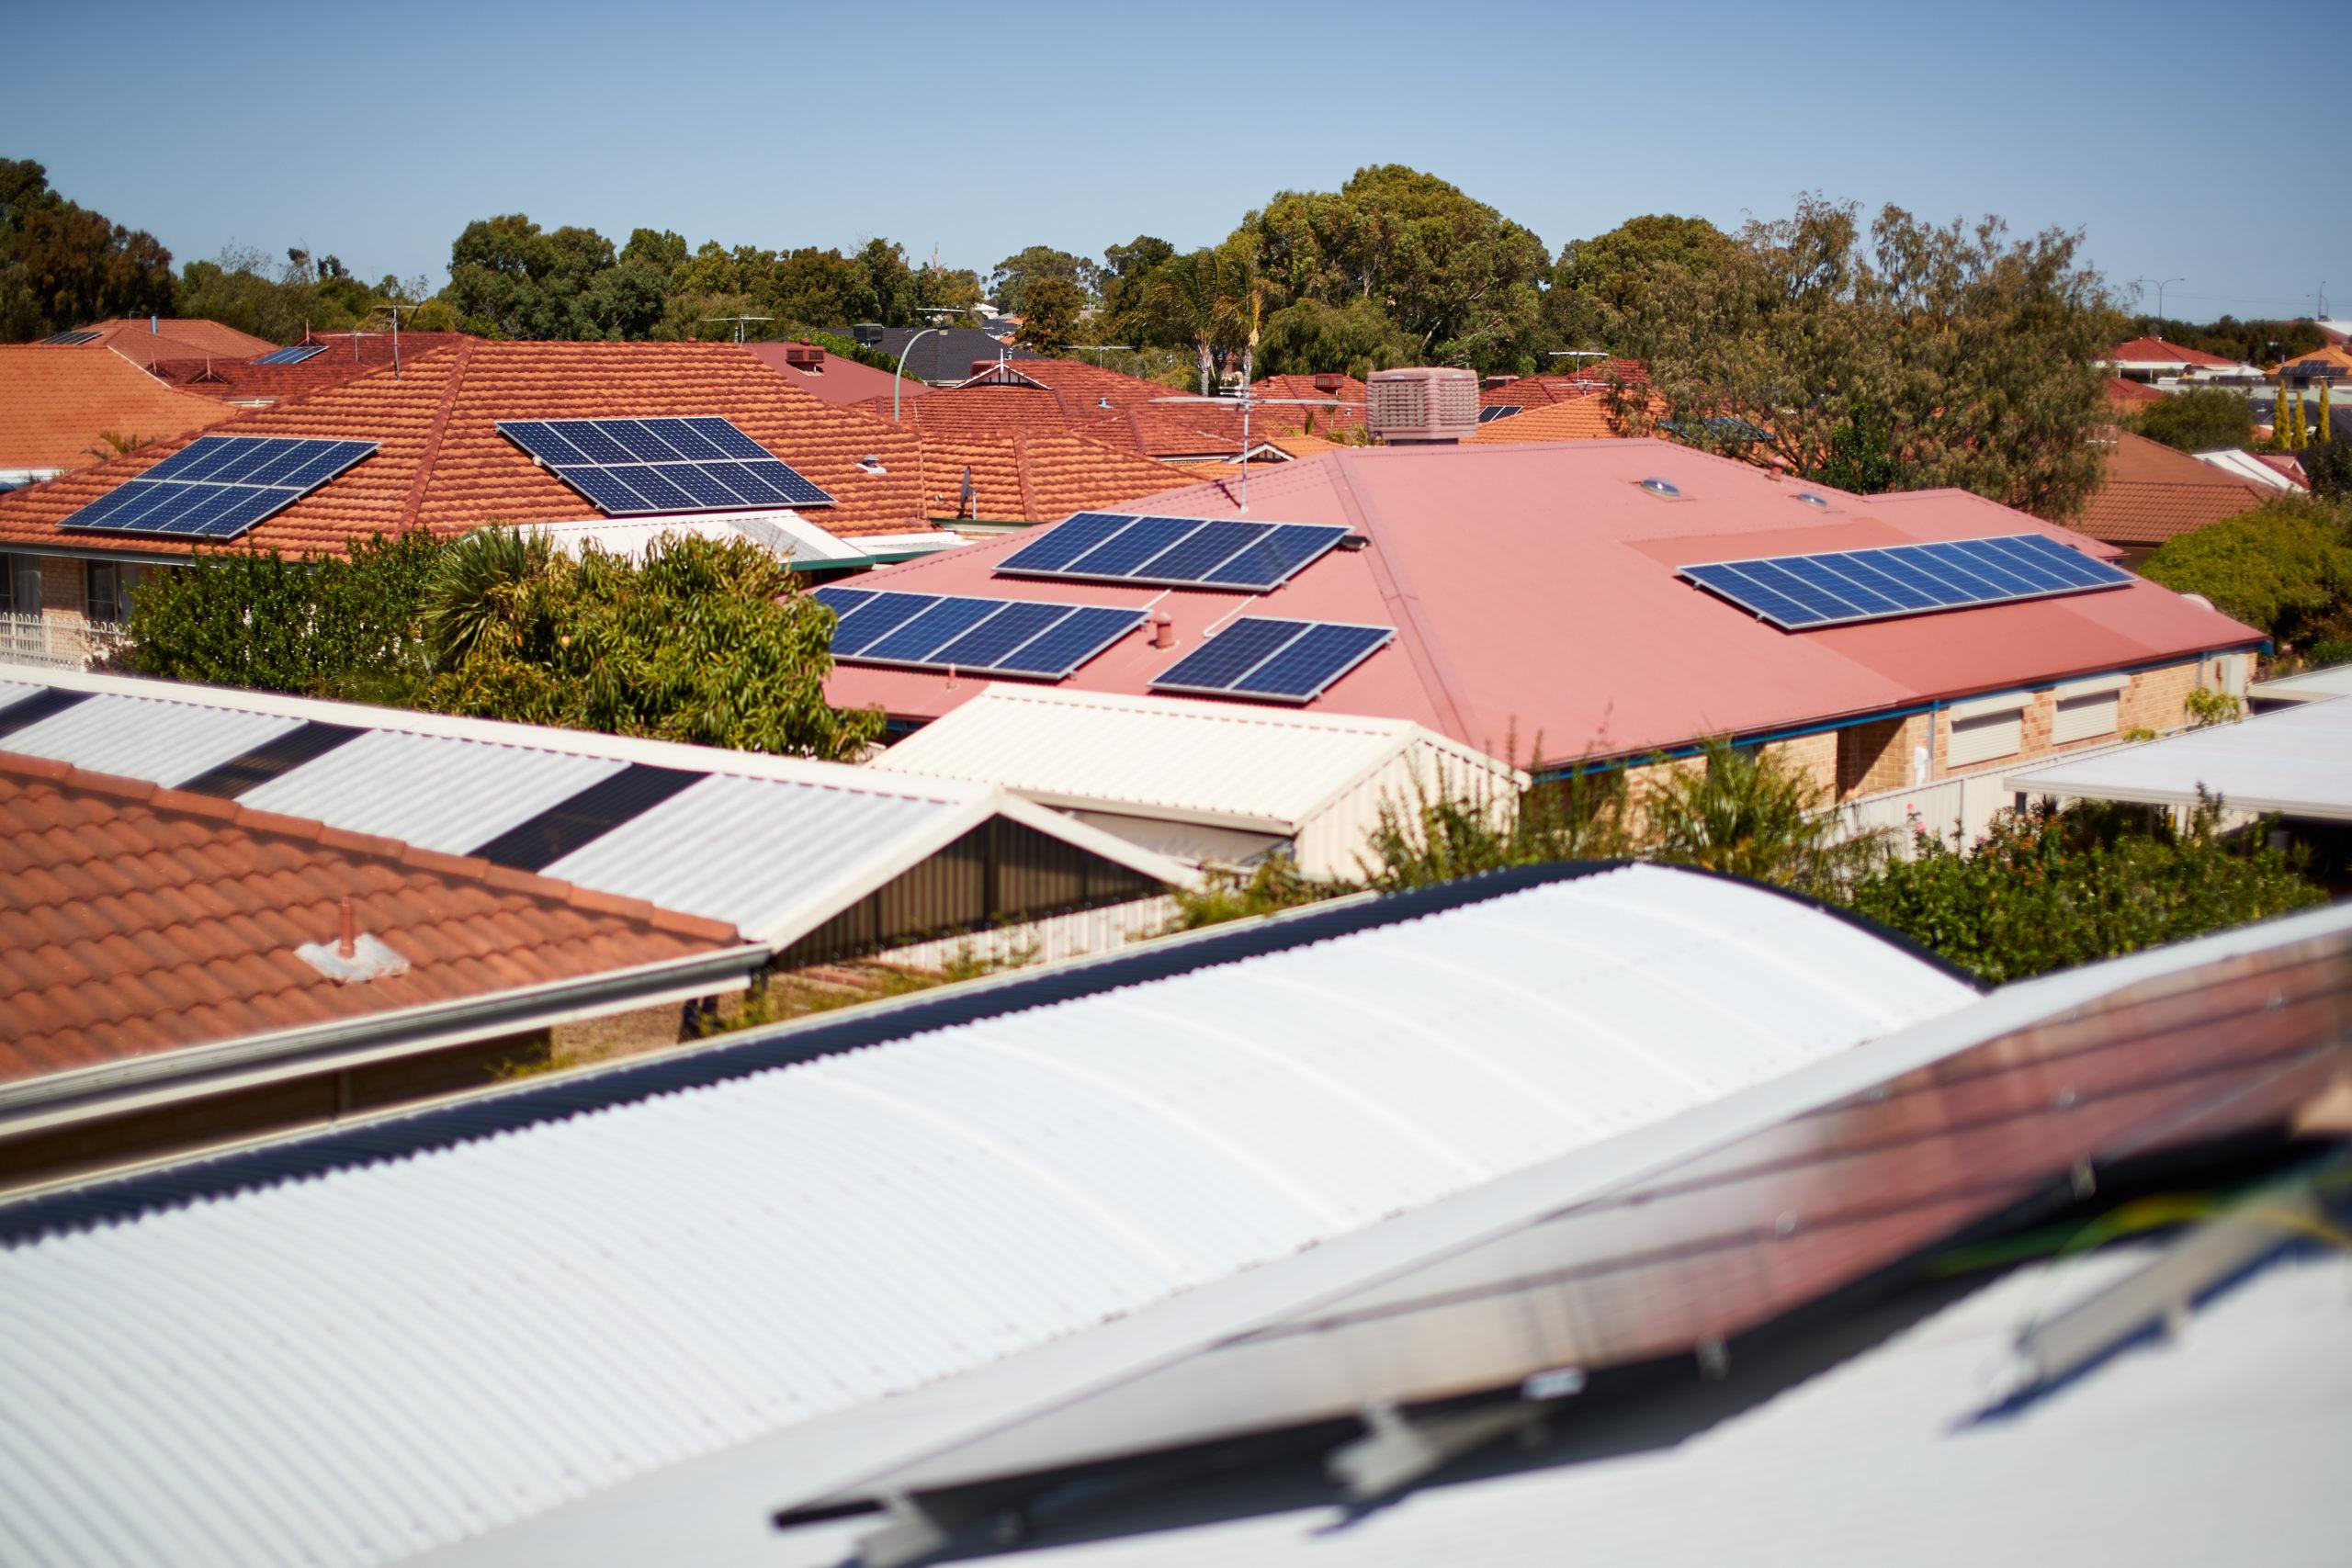 Solar panels on residential houses